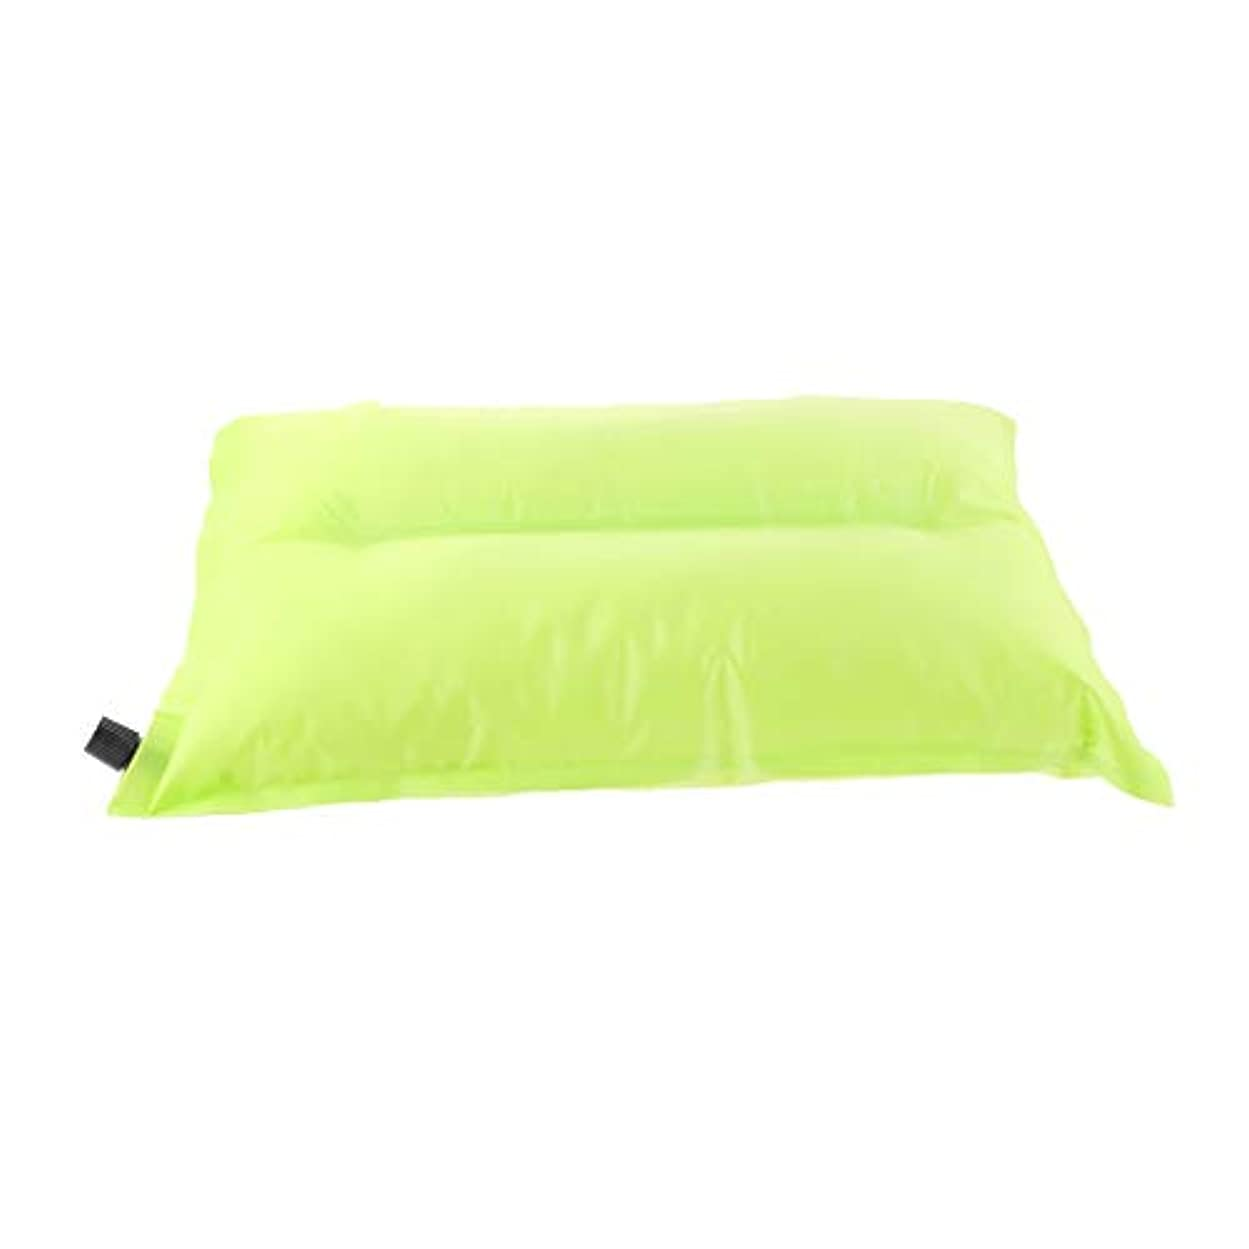 試みしょっぱい爆発するDYNWAVE 空気枕 エアーピロー 収納袋付 全3色